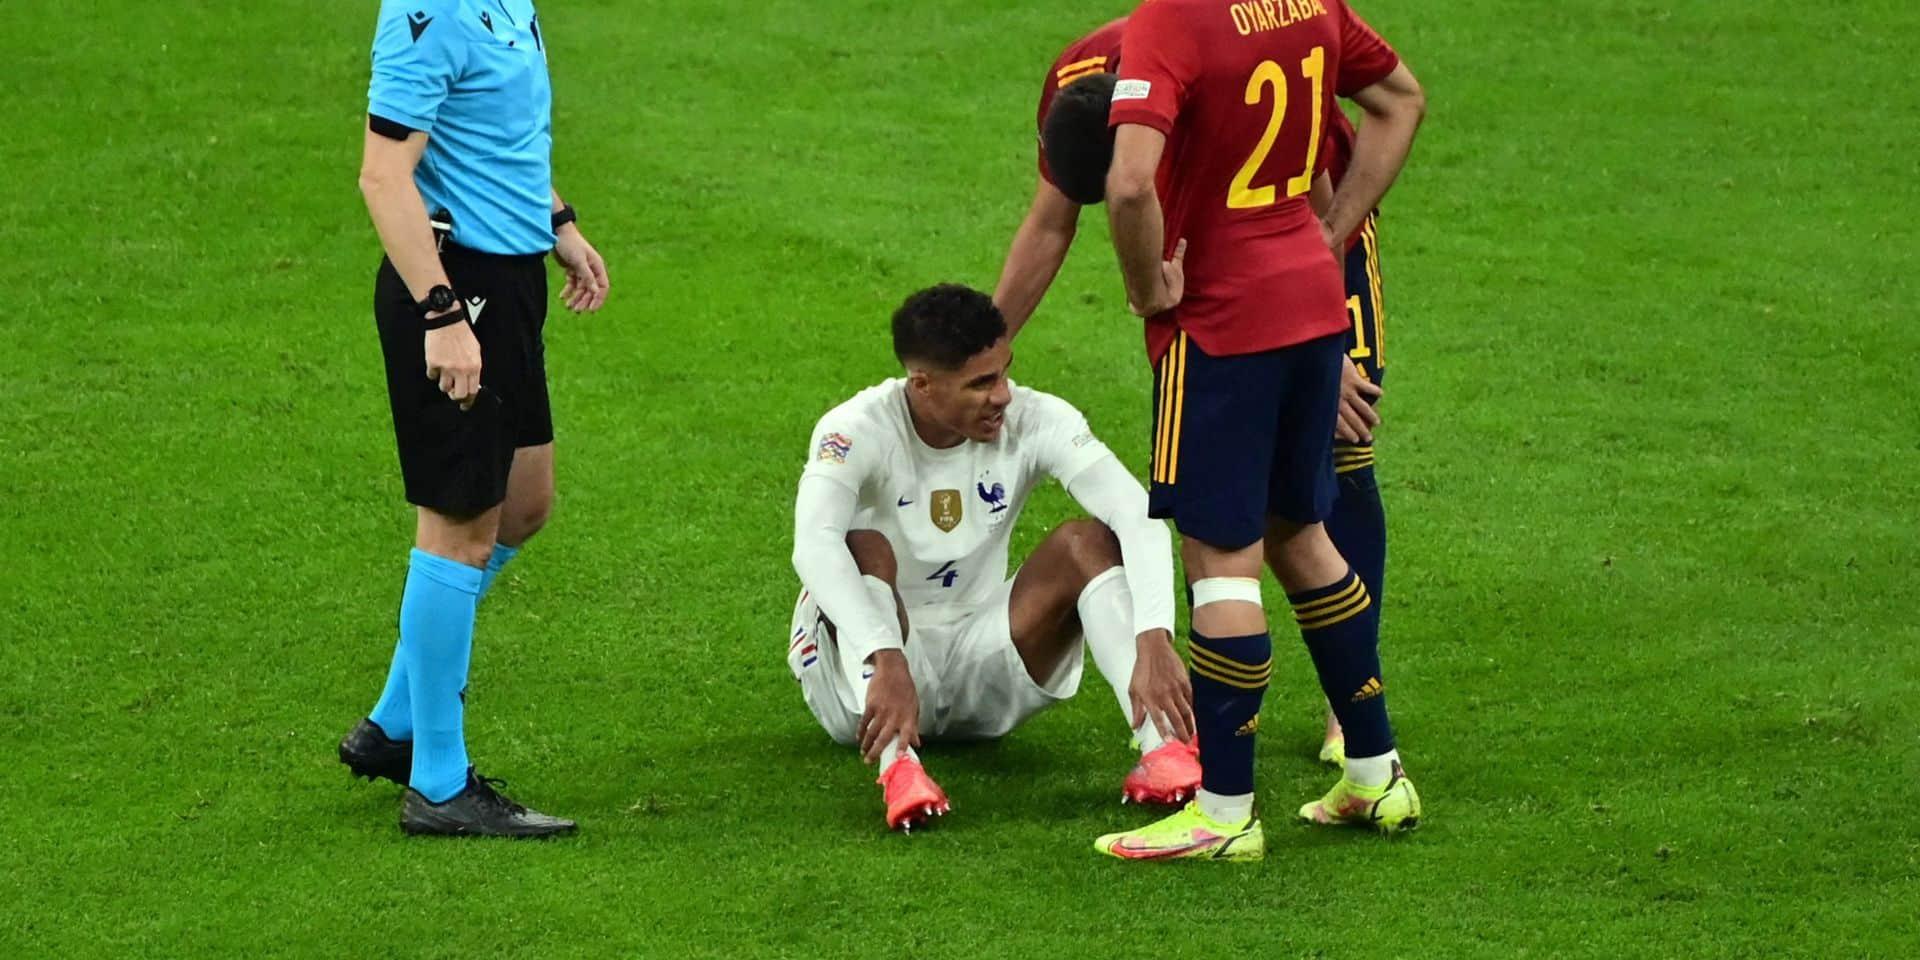 Manchester United devra se passer des services de Raphaël Varane pendant quelques semaines